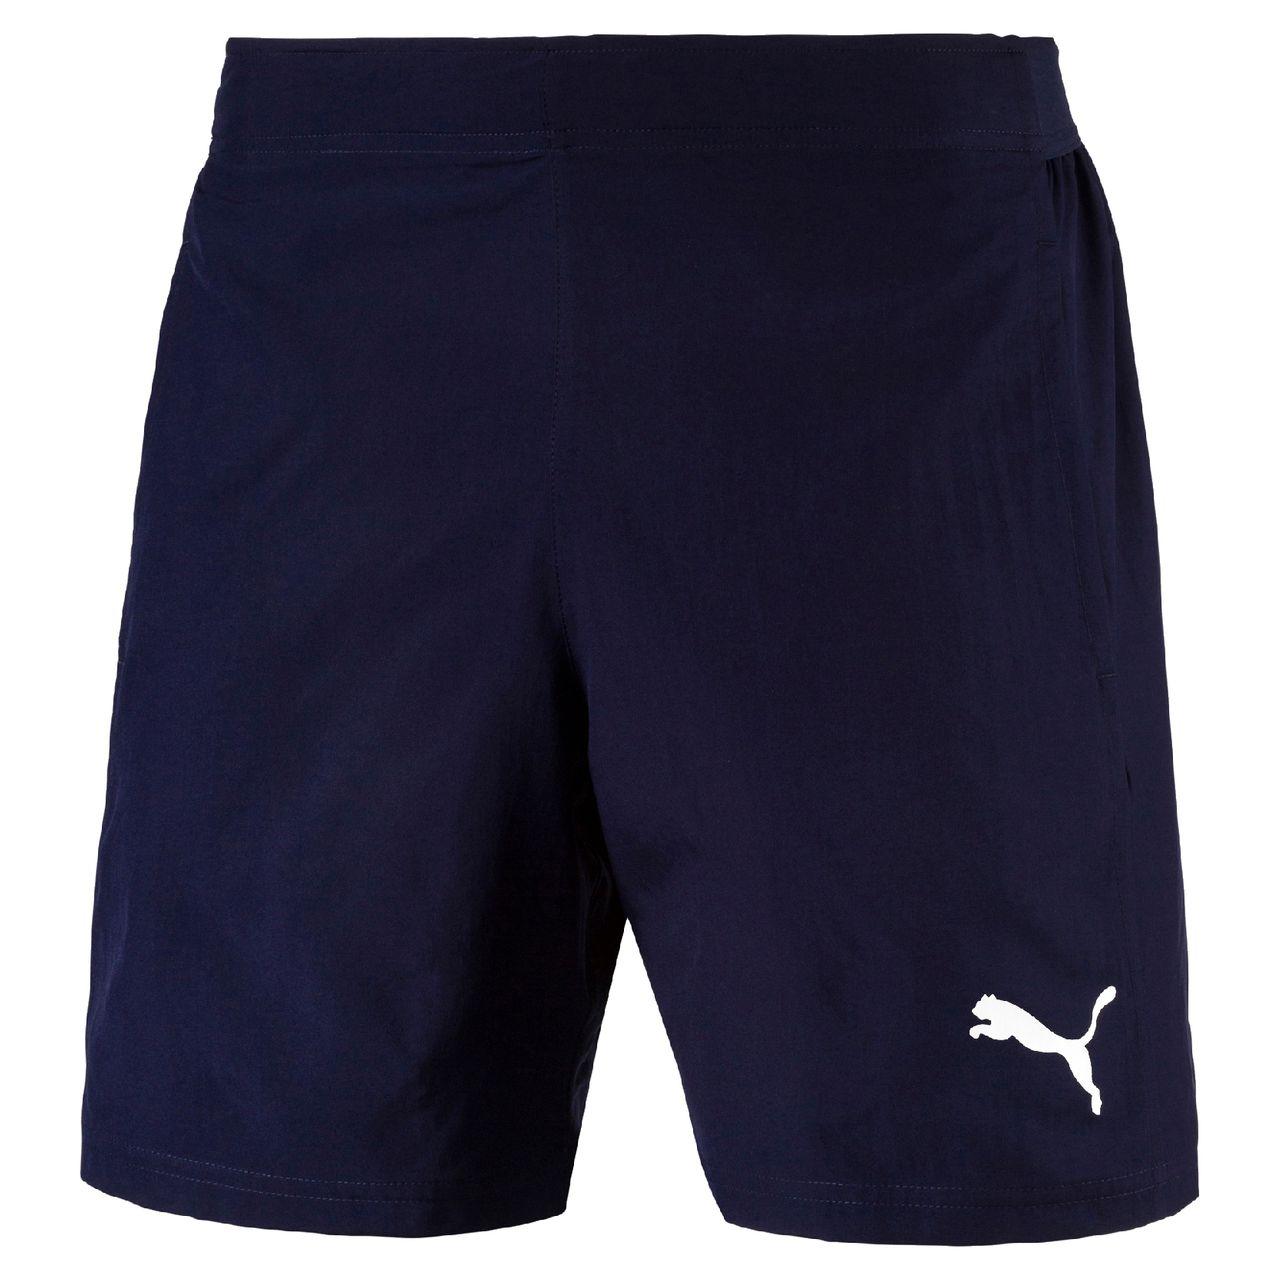 PUMA LIGA Sideline Woven Shorts